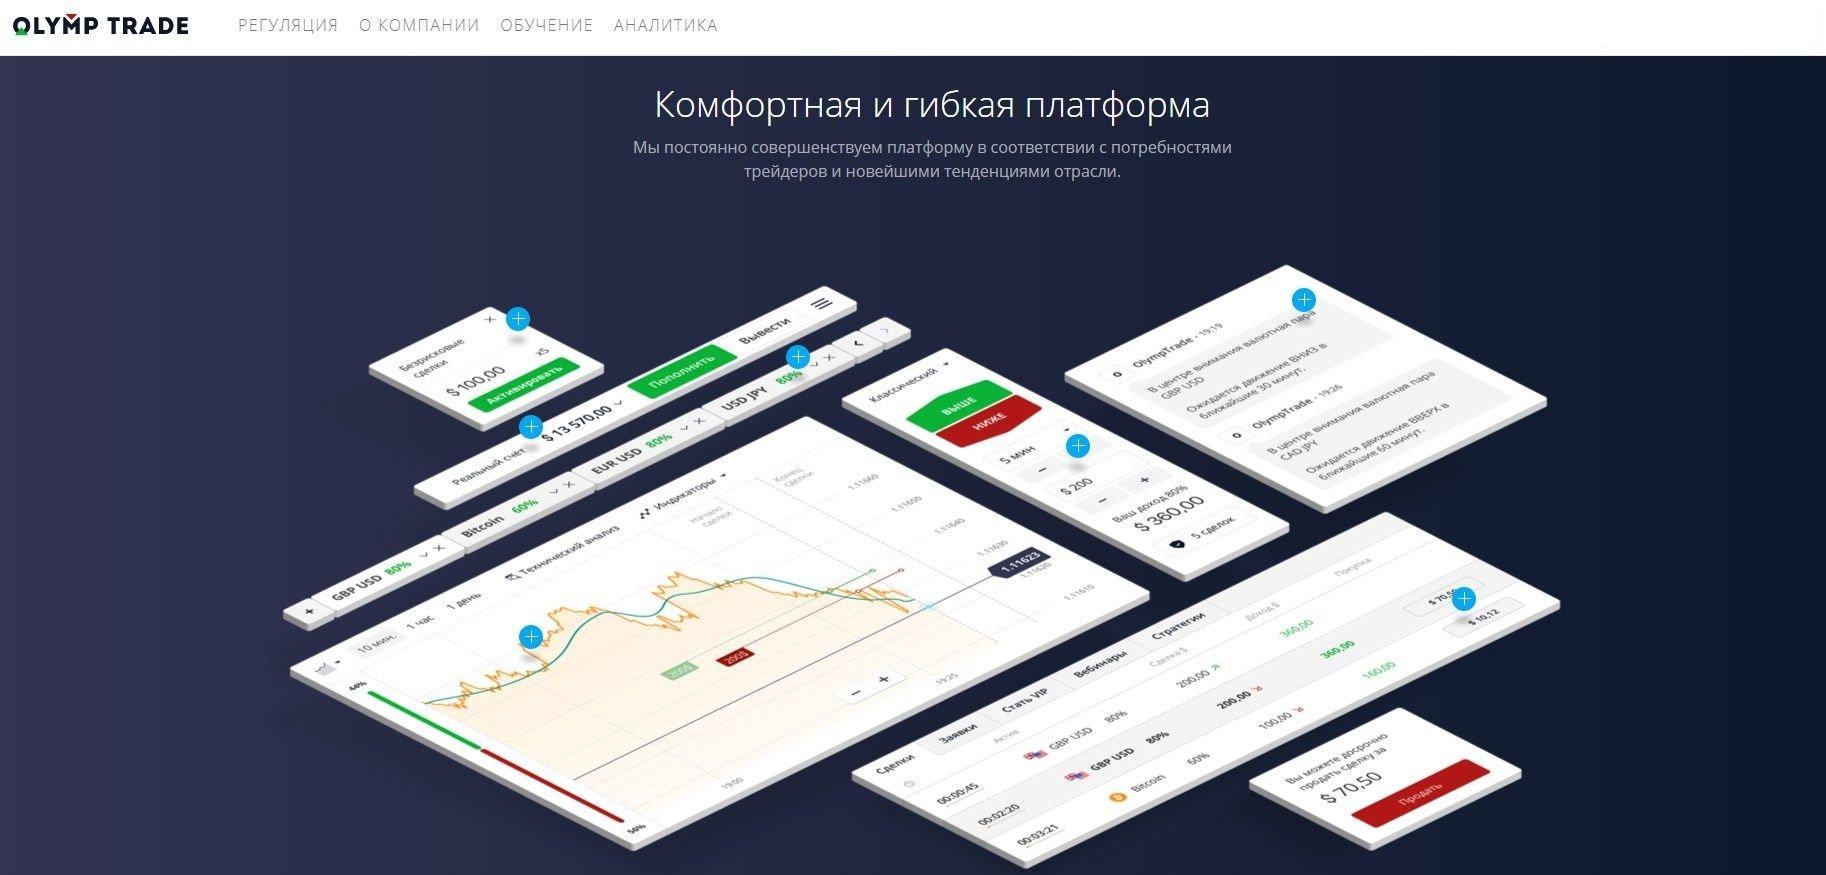 Web-терминал Olymp Trade – один из лучших в трейдинге